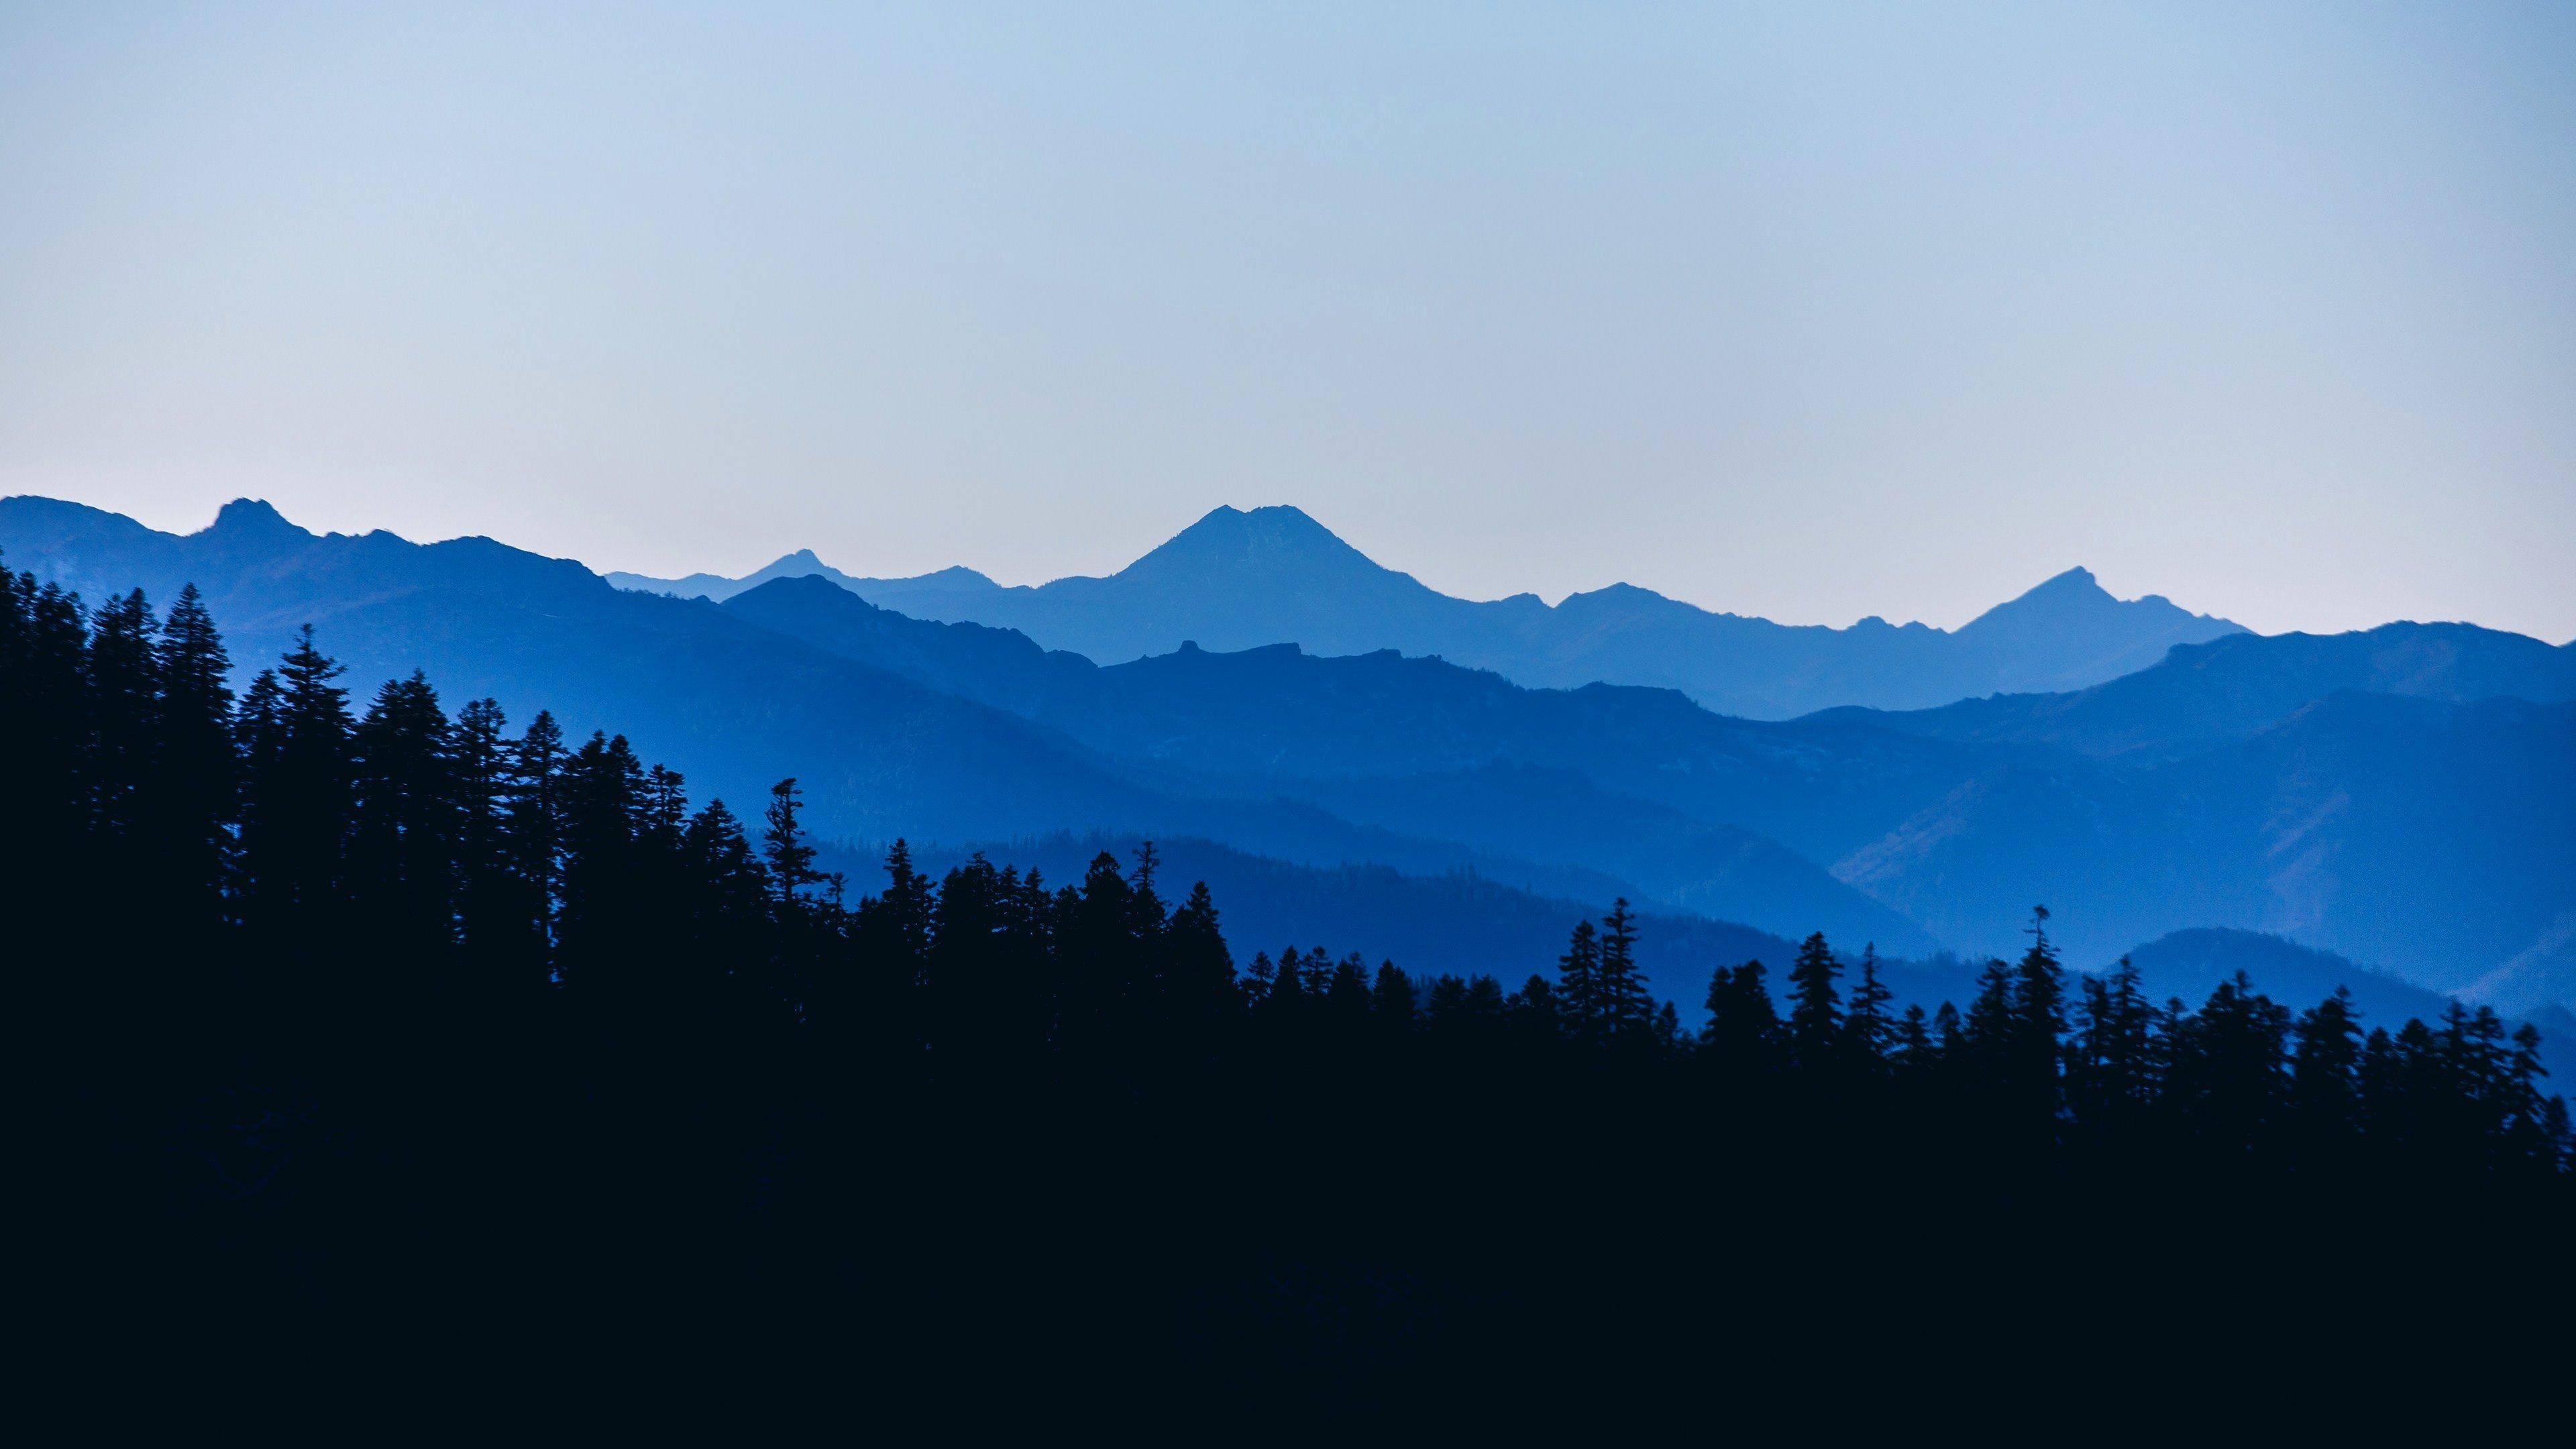 Fondos de pantalla Montañas azules en anochecer